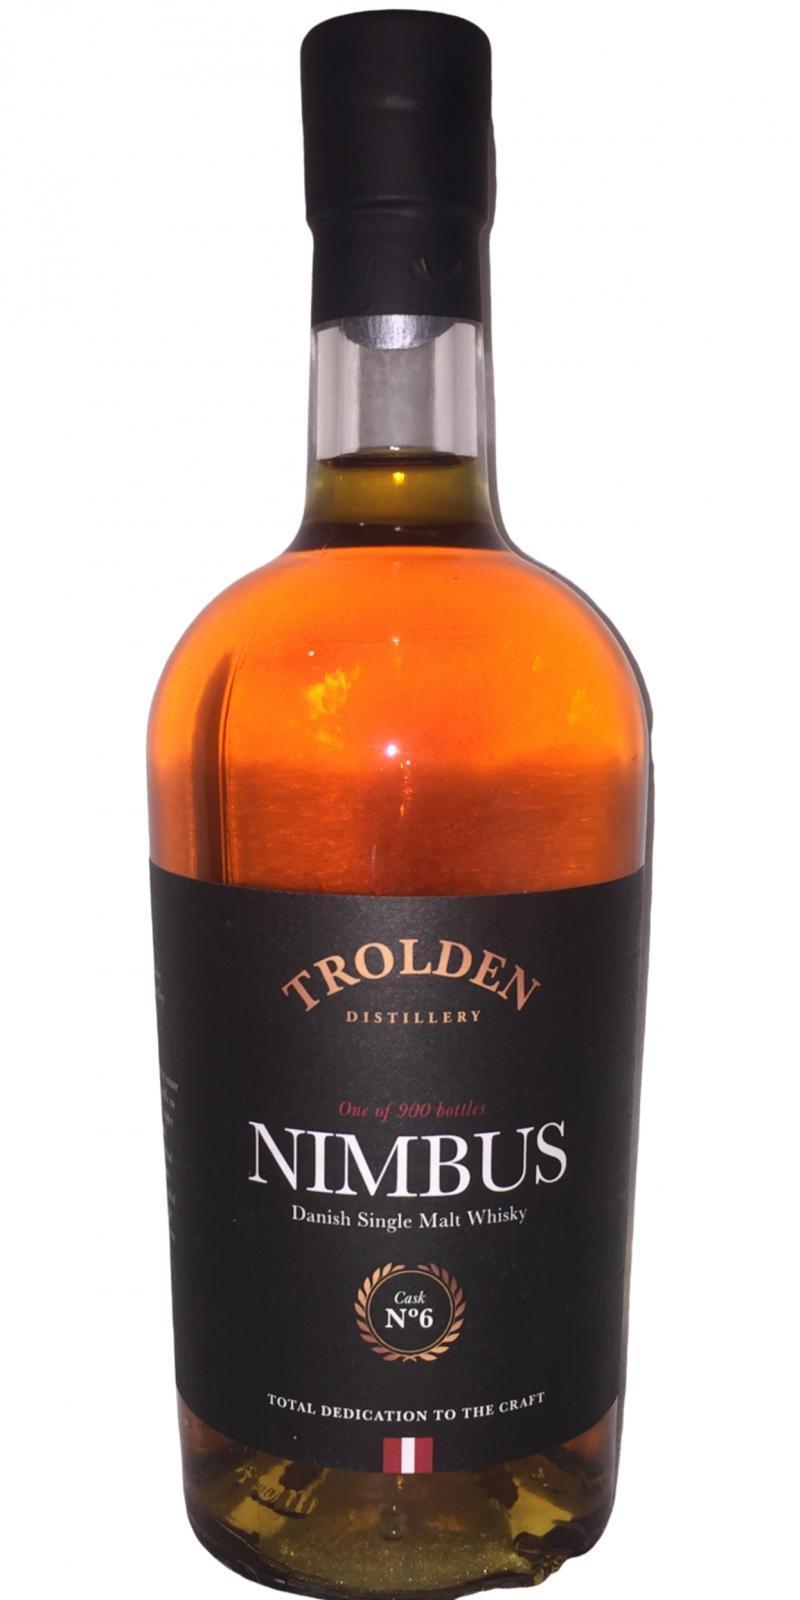 Trolden Nimbus No. 6